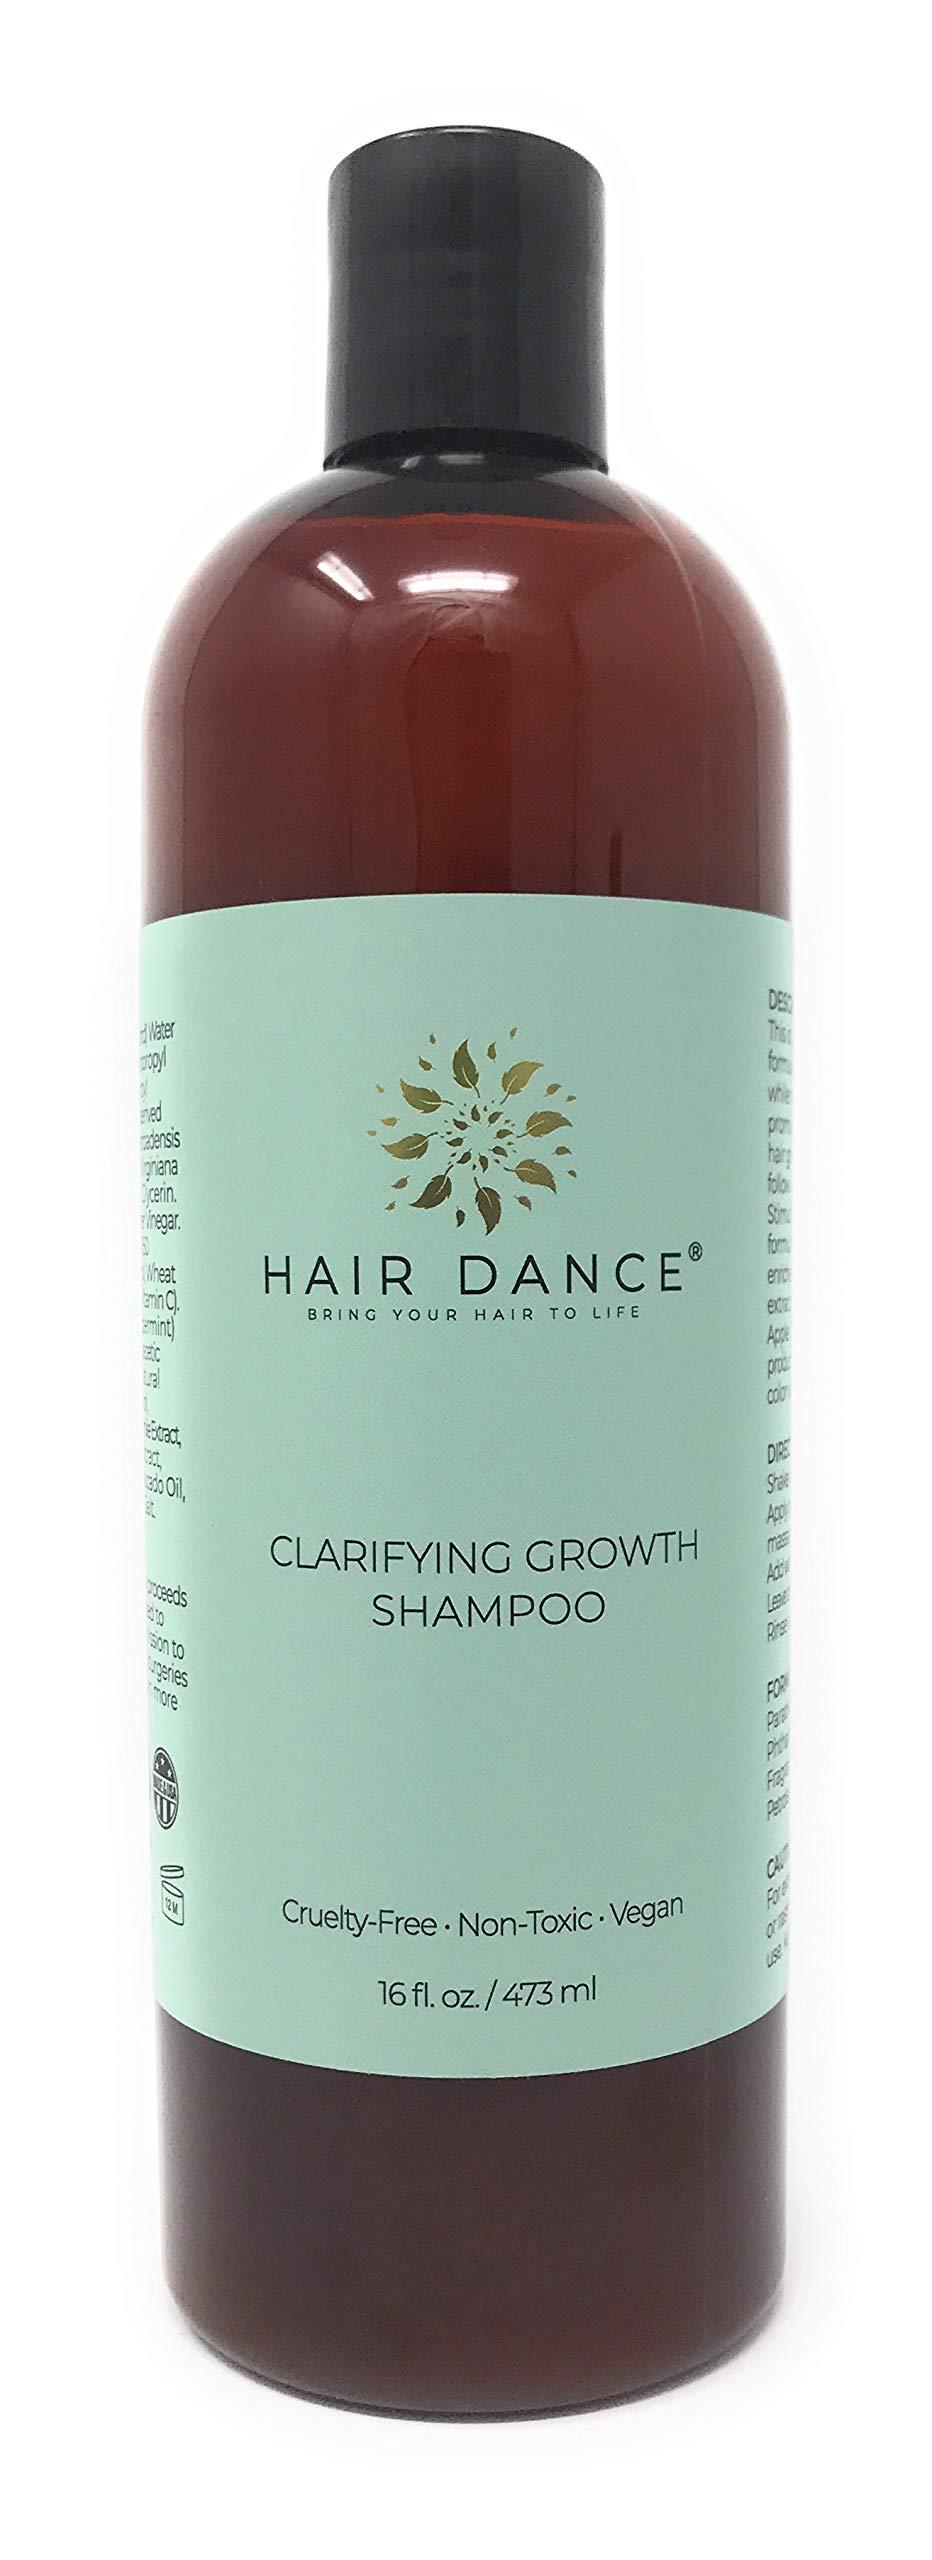 Amazon.com : Natural Hair Growth Stimulator and Hair Loss